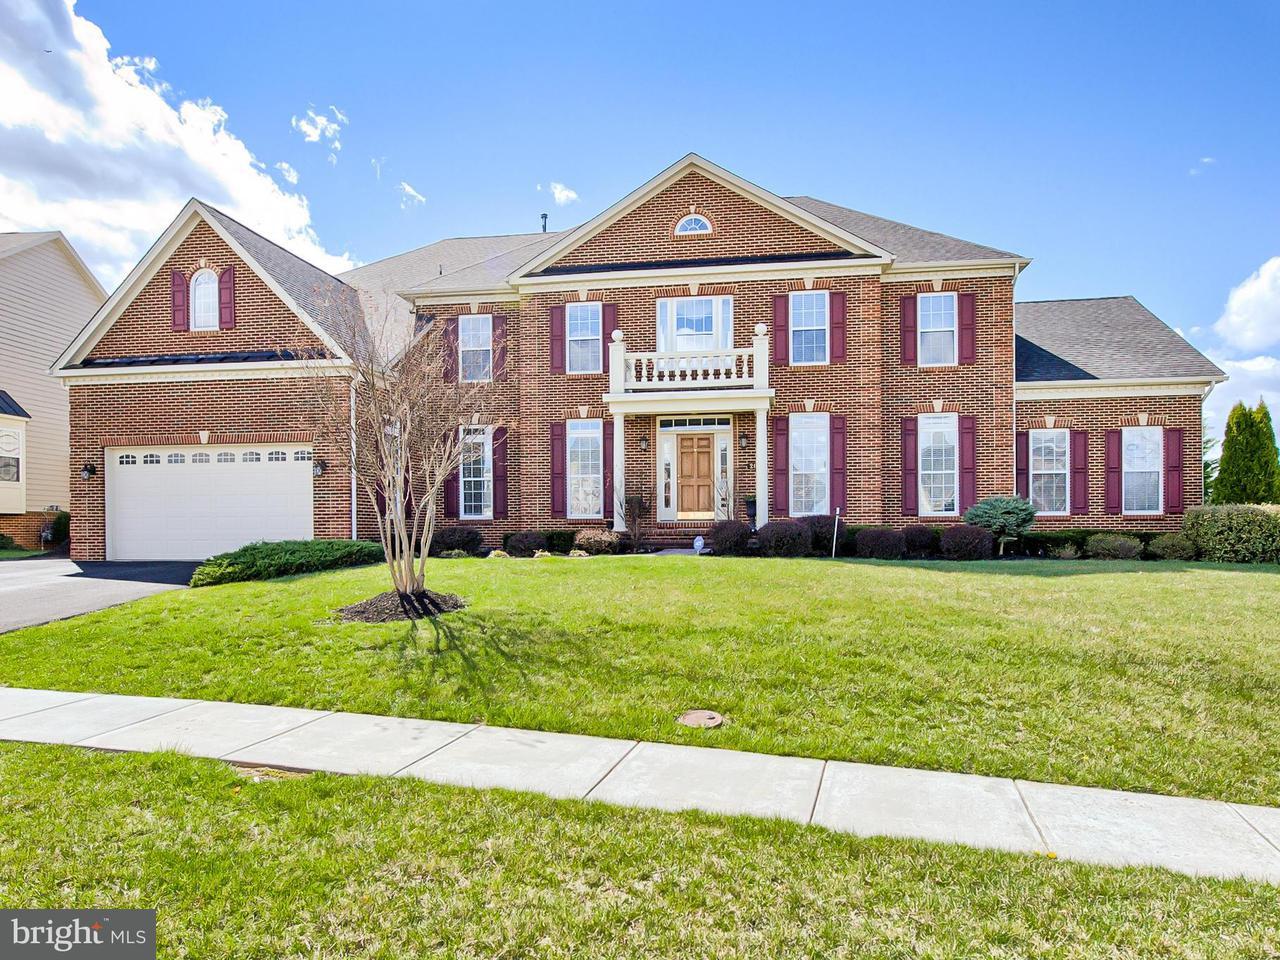 Частный односемейный дом для того Продажа на 2610 MAE WADE Avenue 2610 MAE WADE Avenue Adamstown, Мэриленд 21710 Соединенные Штаты